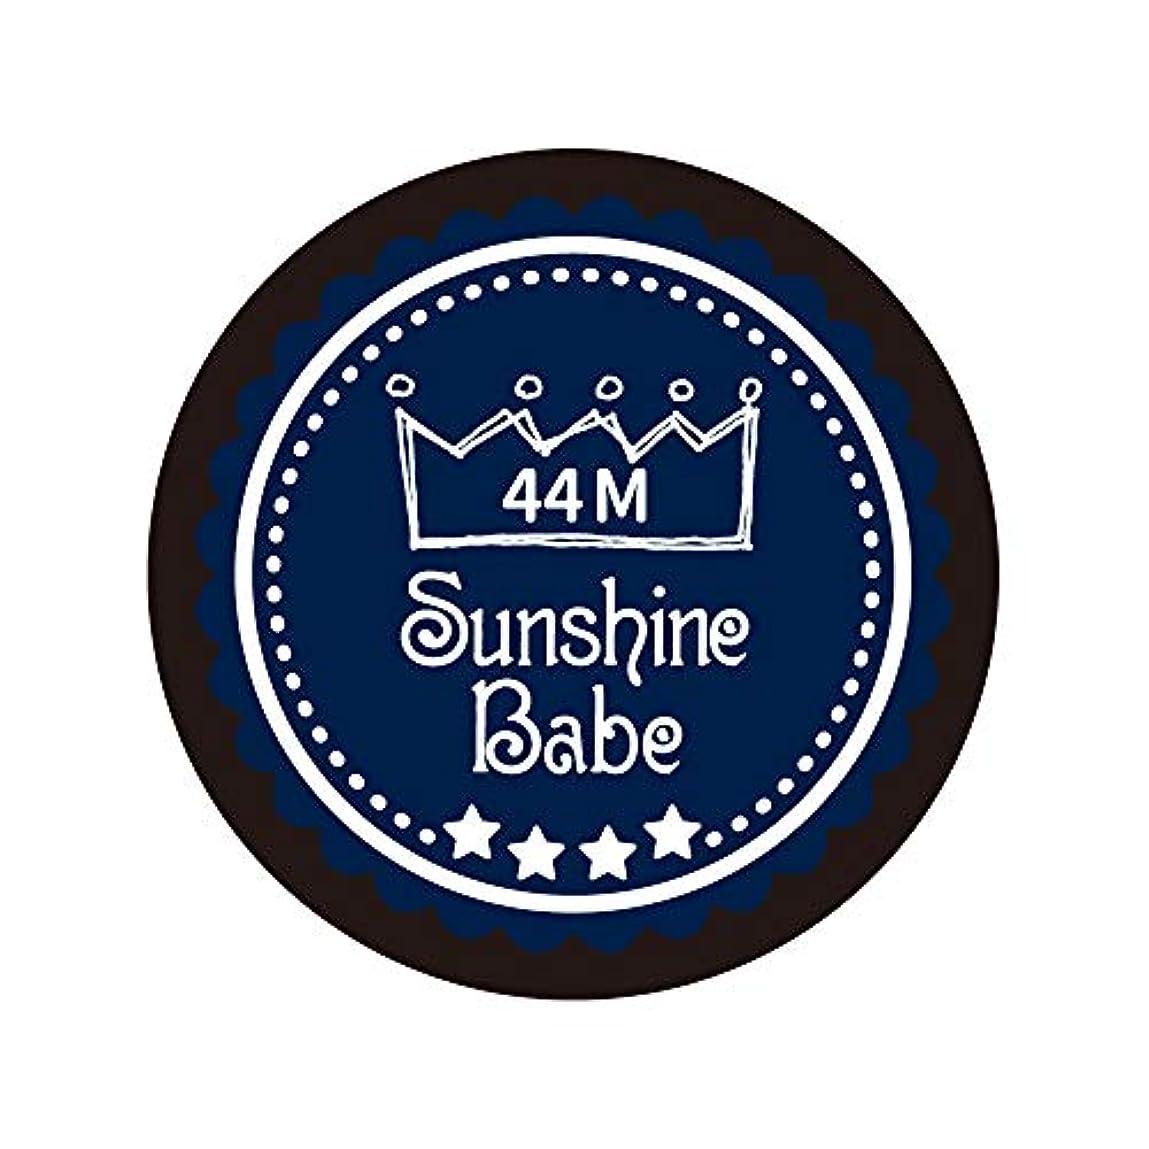 観光辛な者Sunshine Babe カラージェル 44M クラシックネイビー 2.7g UV/LED対応